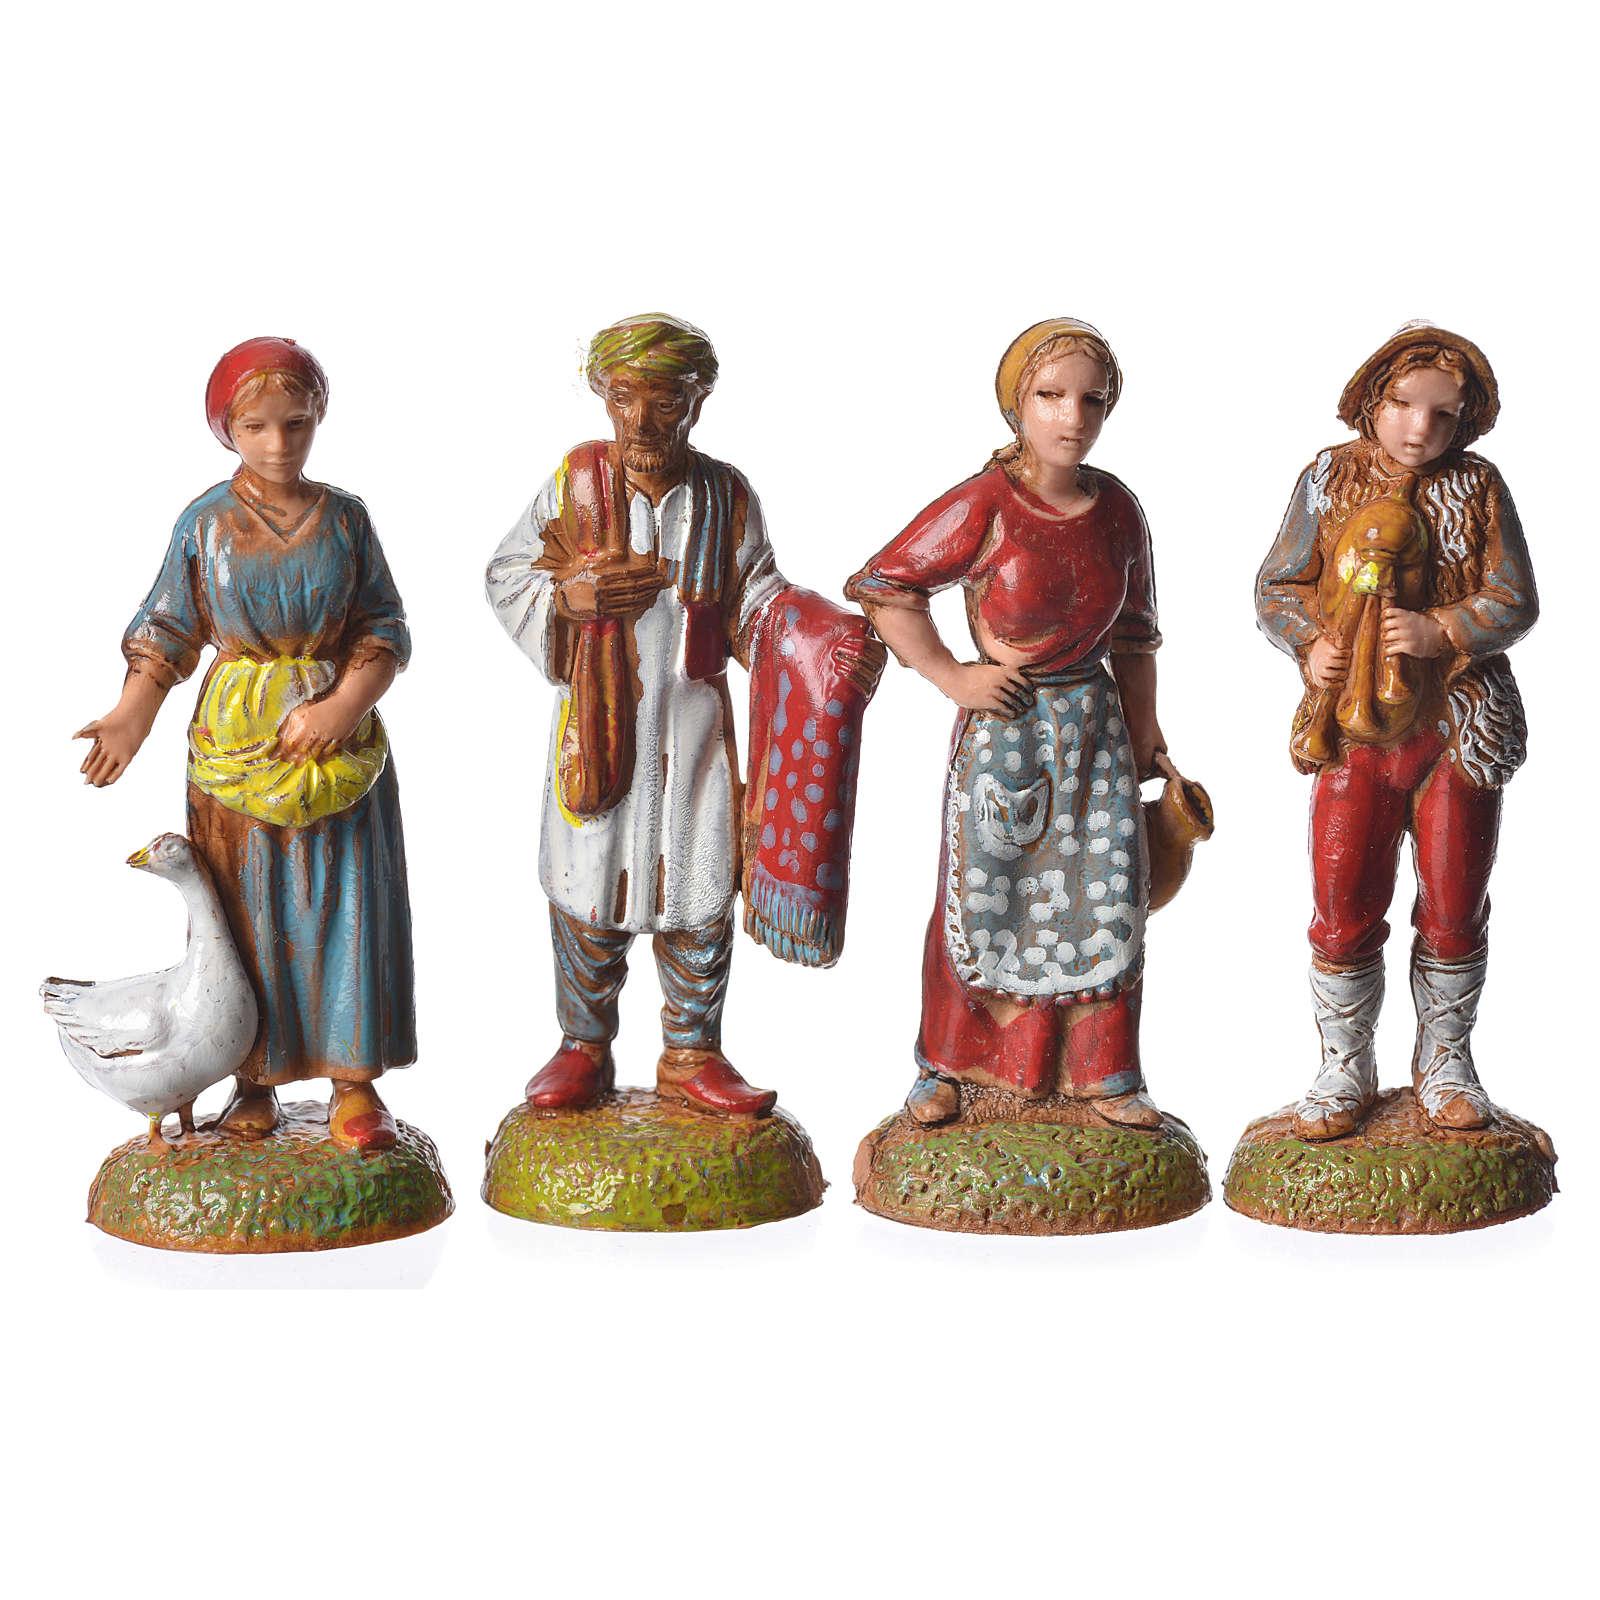 Pastores 24 peças para presépio Moranduzzo com figuras de altura  média 6 cm 4